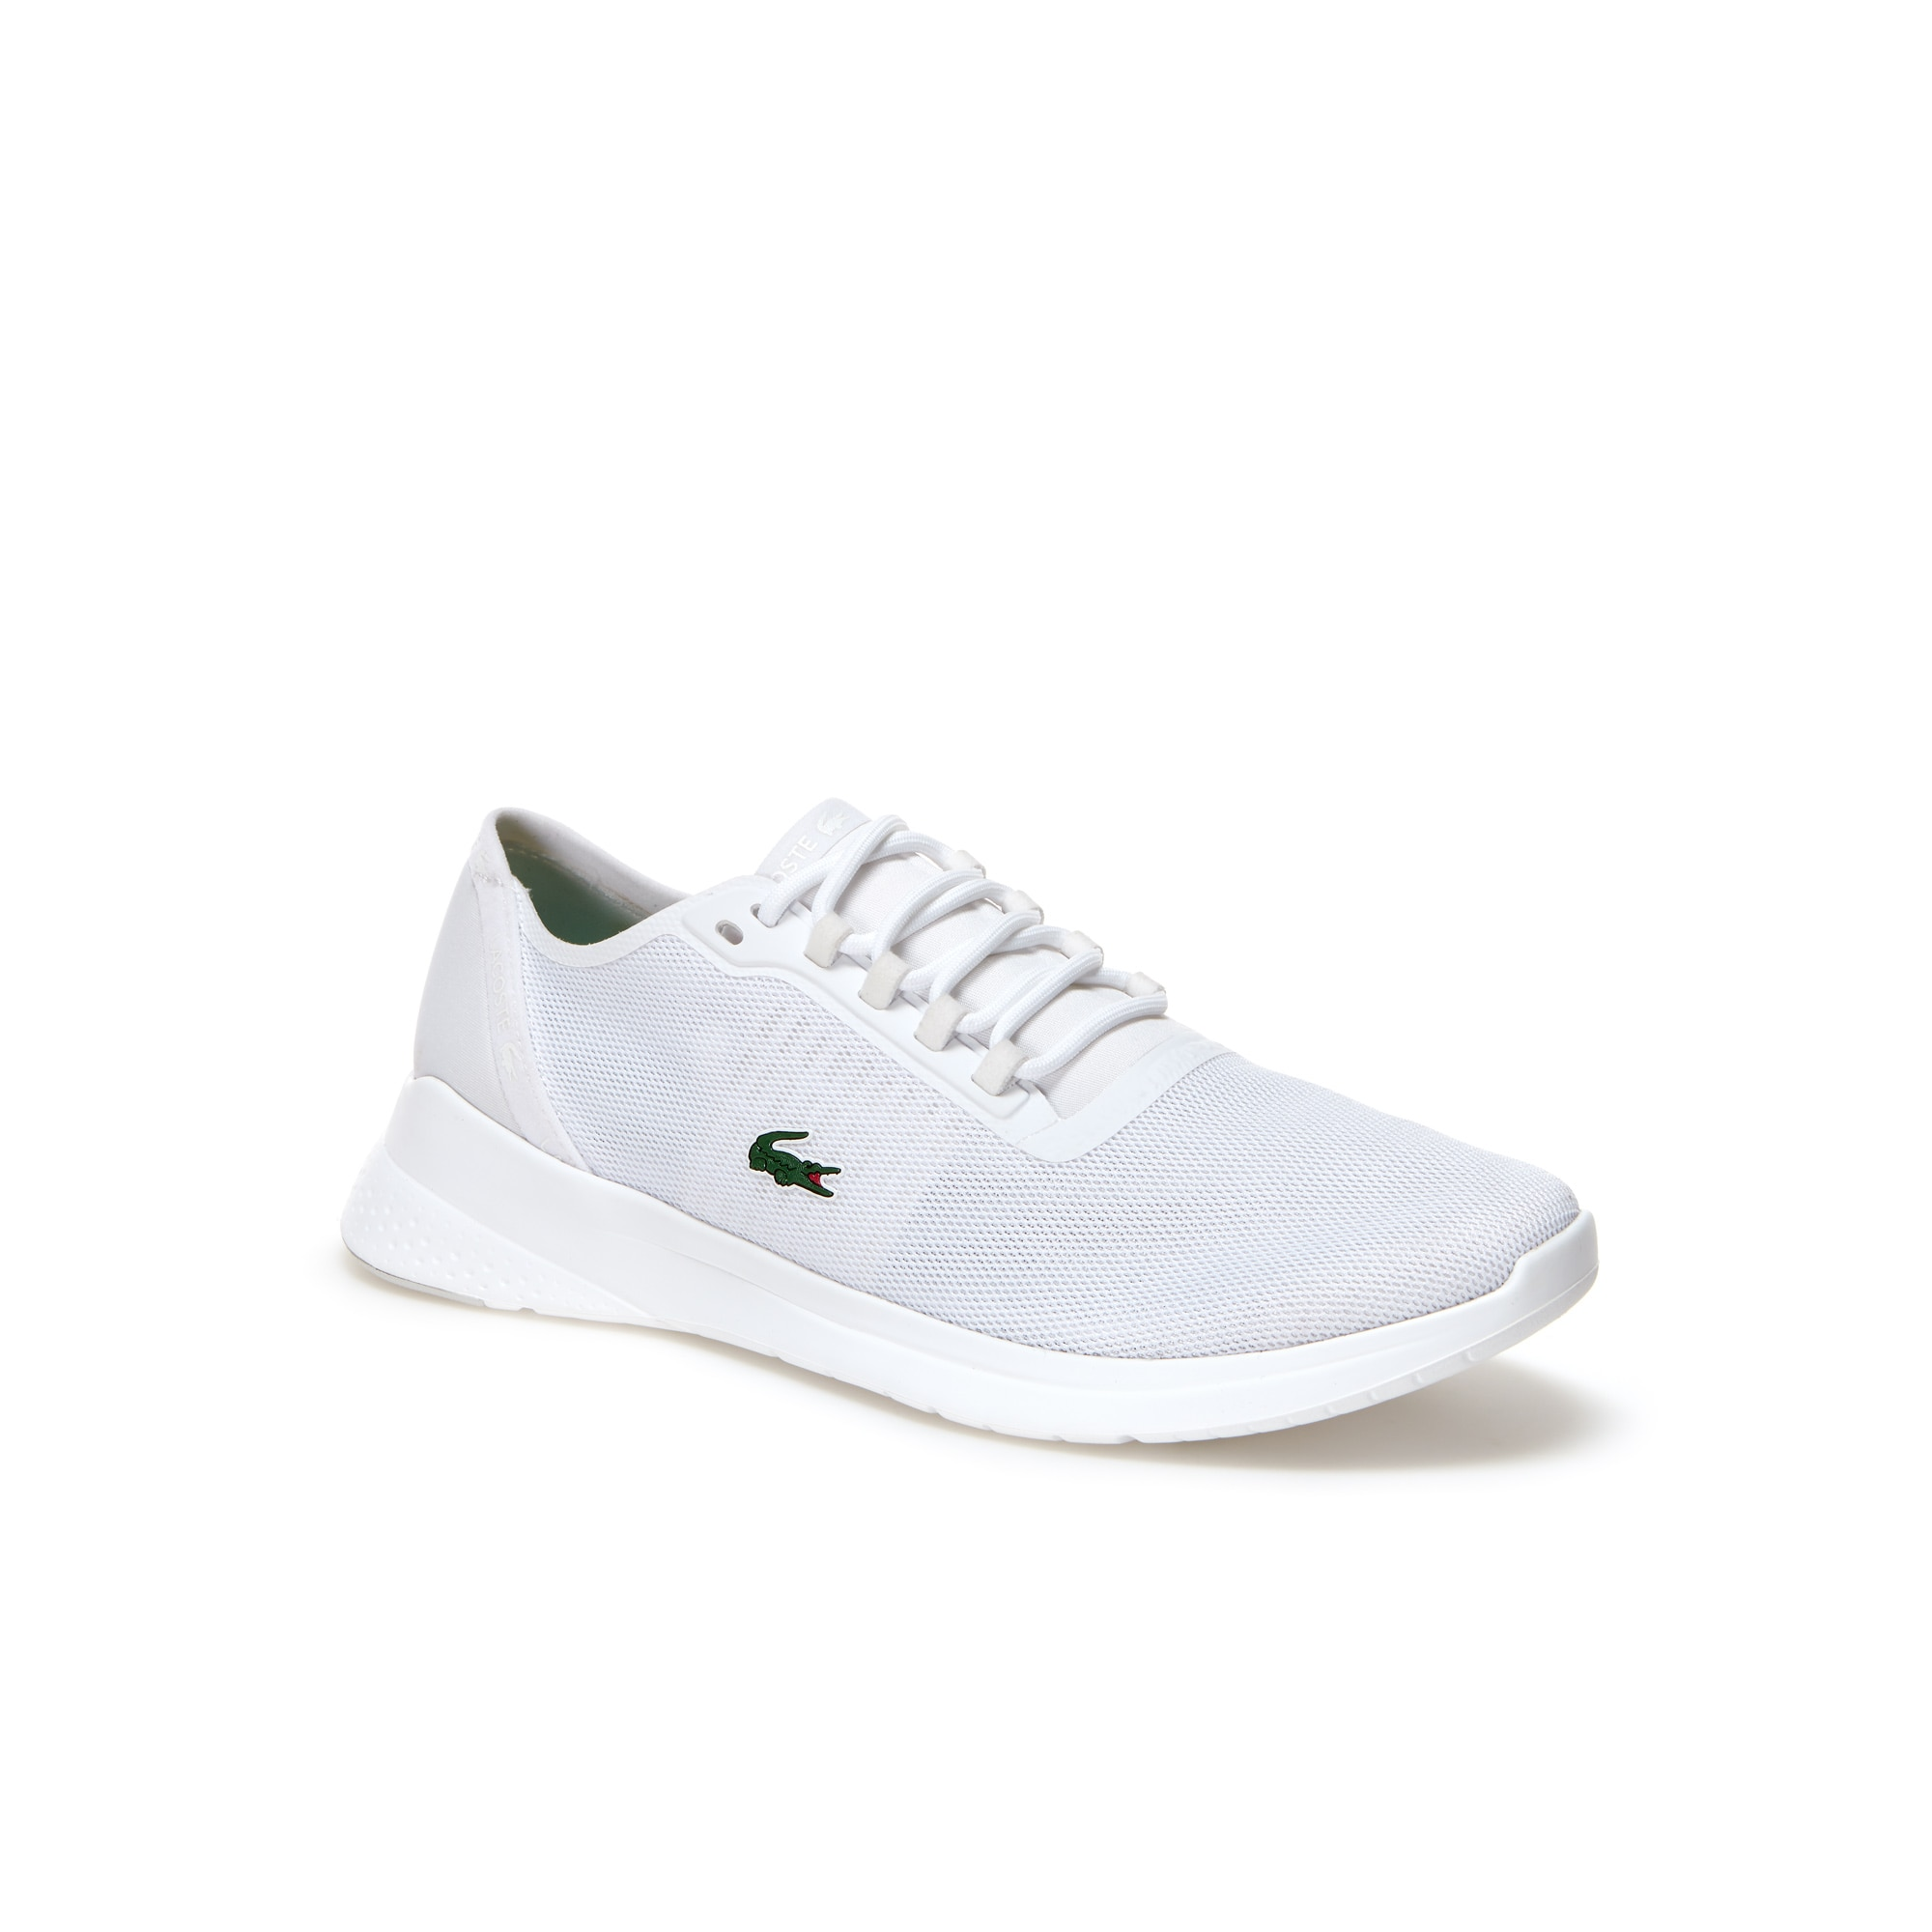 Herren-Sneakers LT FIT aus Stoff mit EVA-Außensohle